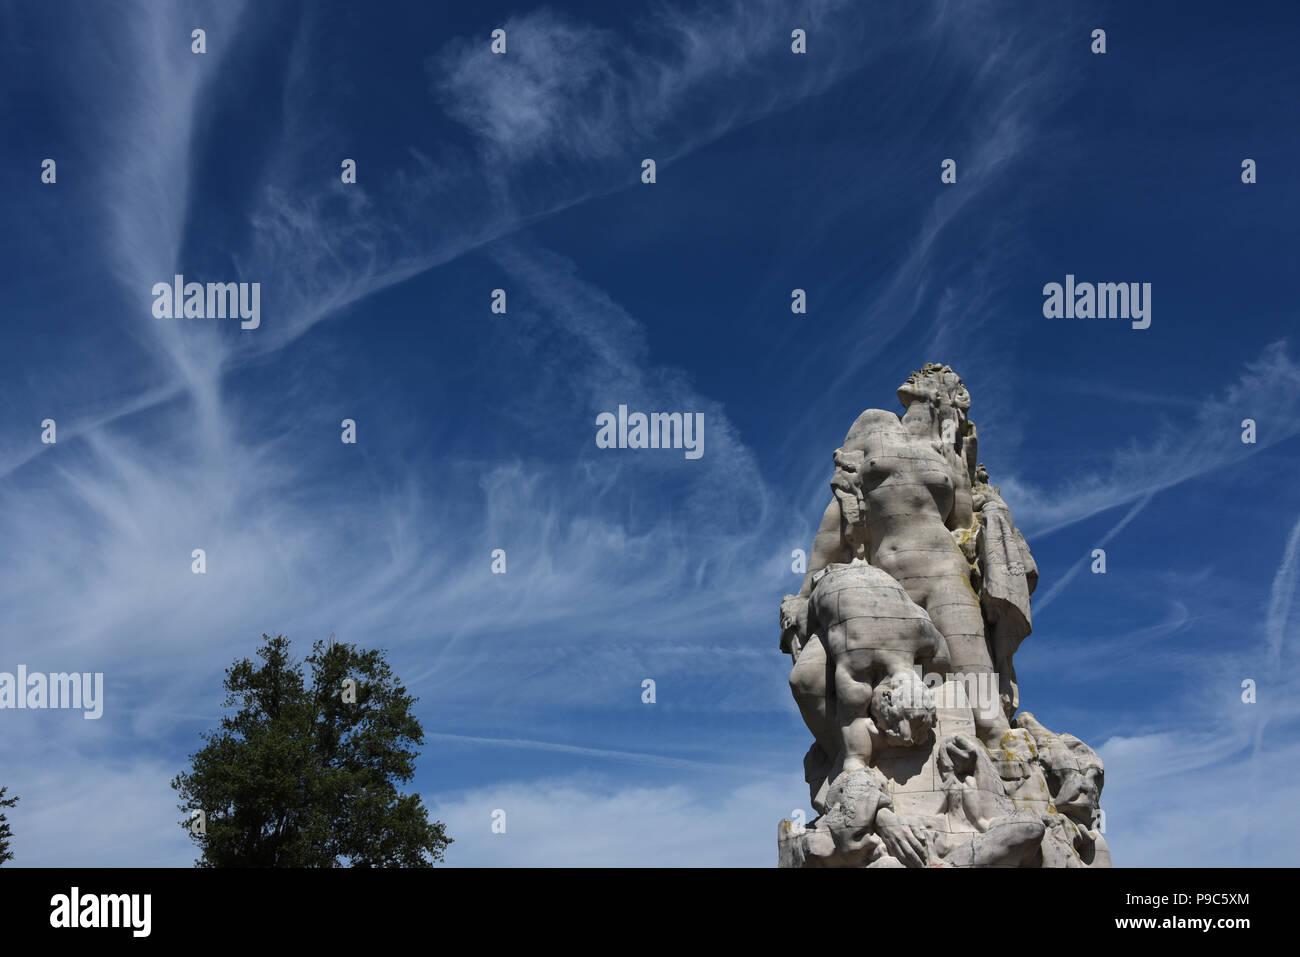 Monument de la Liberté Eplorée, F.W. MacMonnies sculptor, Musee de la Grande Guerre, Meaux, Seine-et-Marne, Ile-de-France, France, Europe - Stock Image